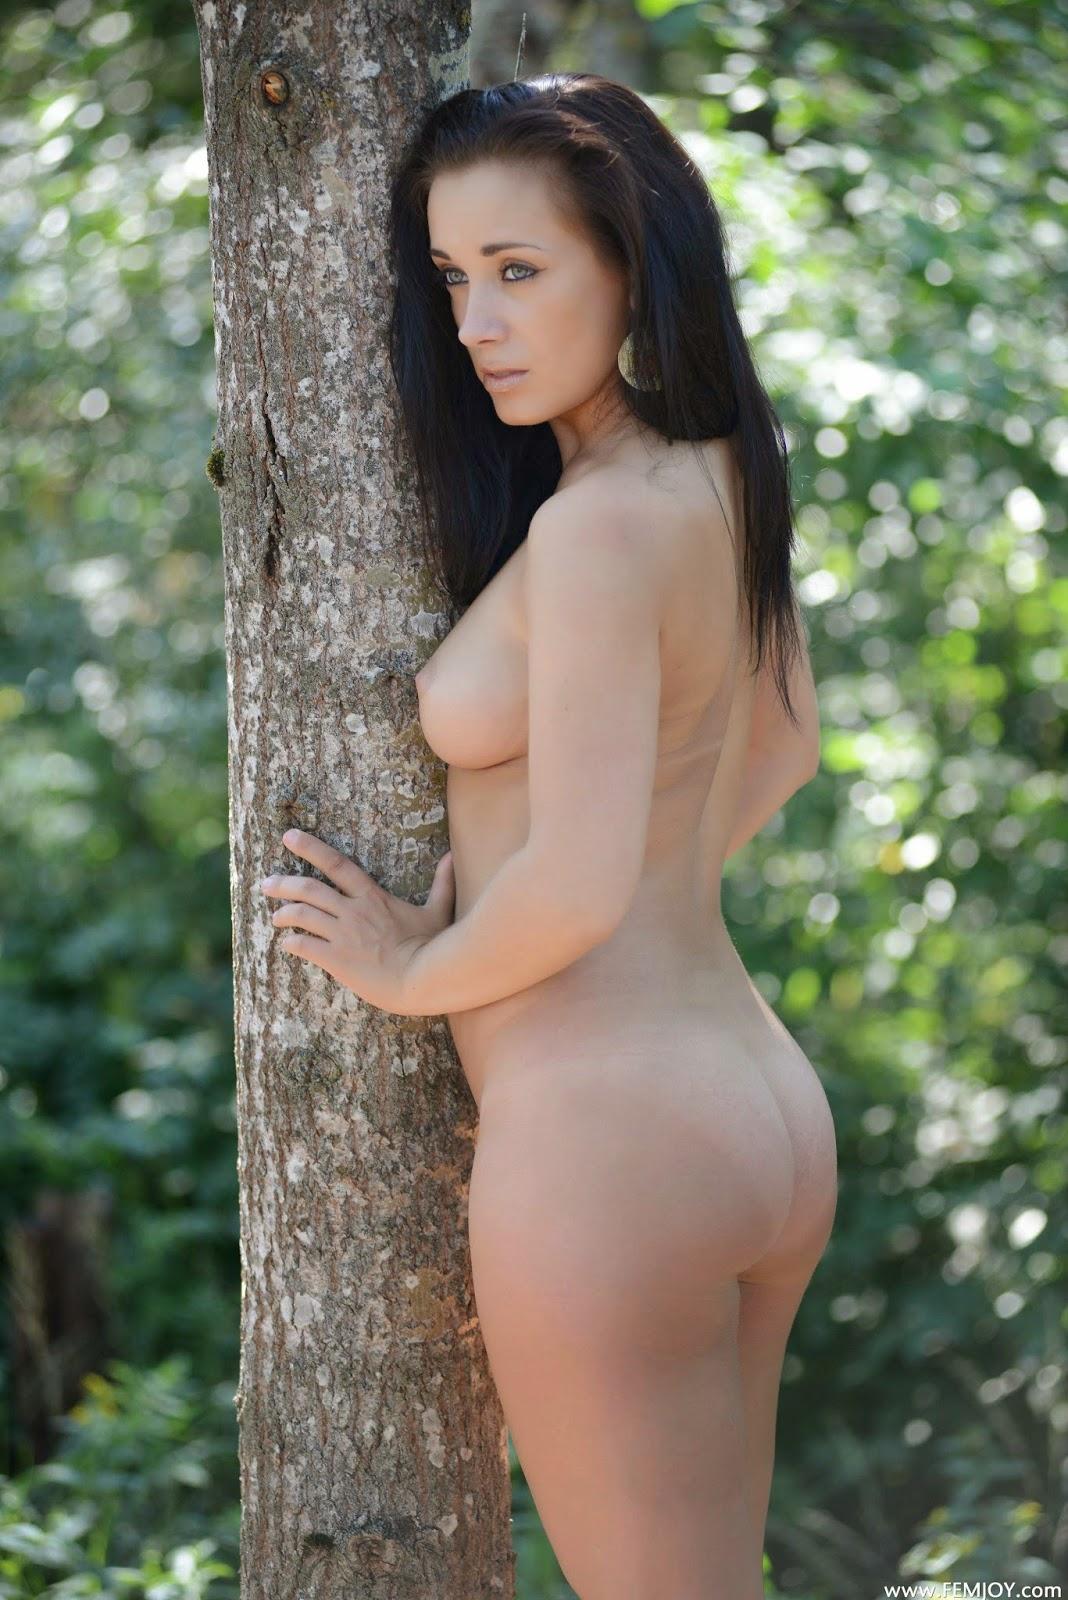 Hot irish girls nude